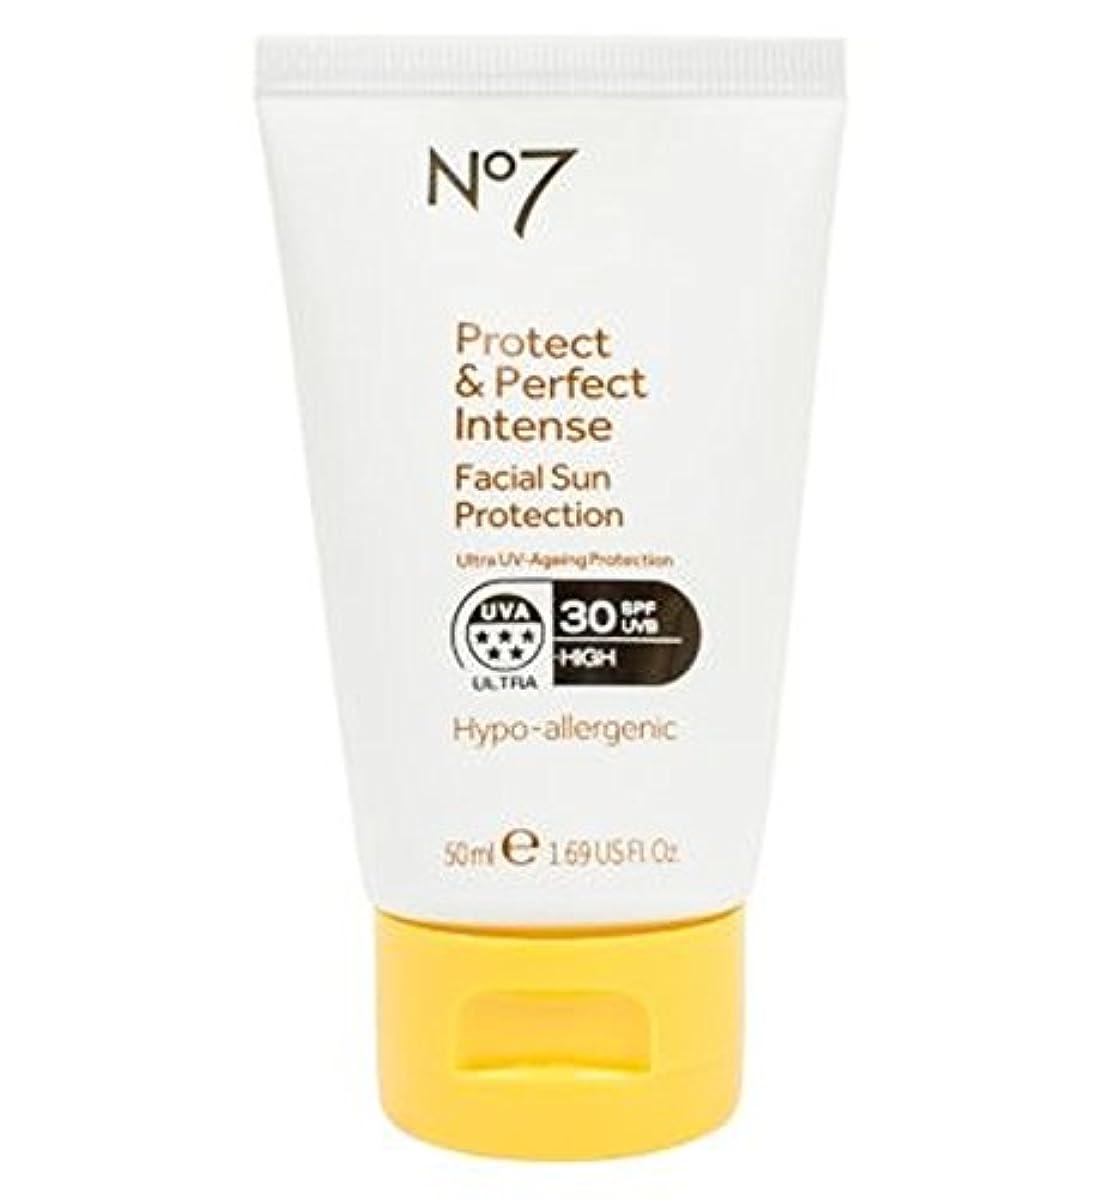 砂鳩扱いやすいNo7 Protect & Perfect Intense Facial Sun Protection SPF 30 50ml - No7保護&完璧な強烈な顔の日焼け防止Spf 30 50ミリリットル (No7) [並行輸入品]